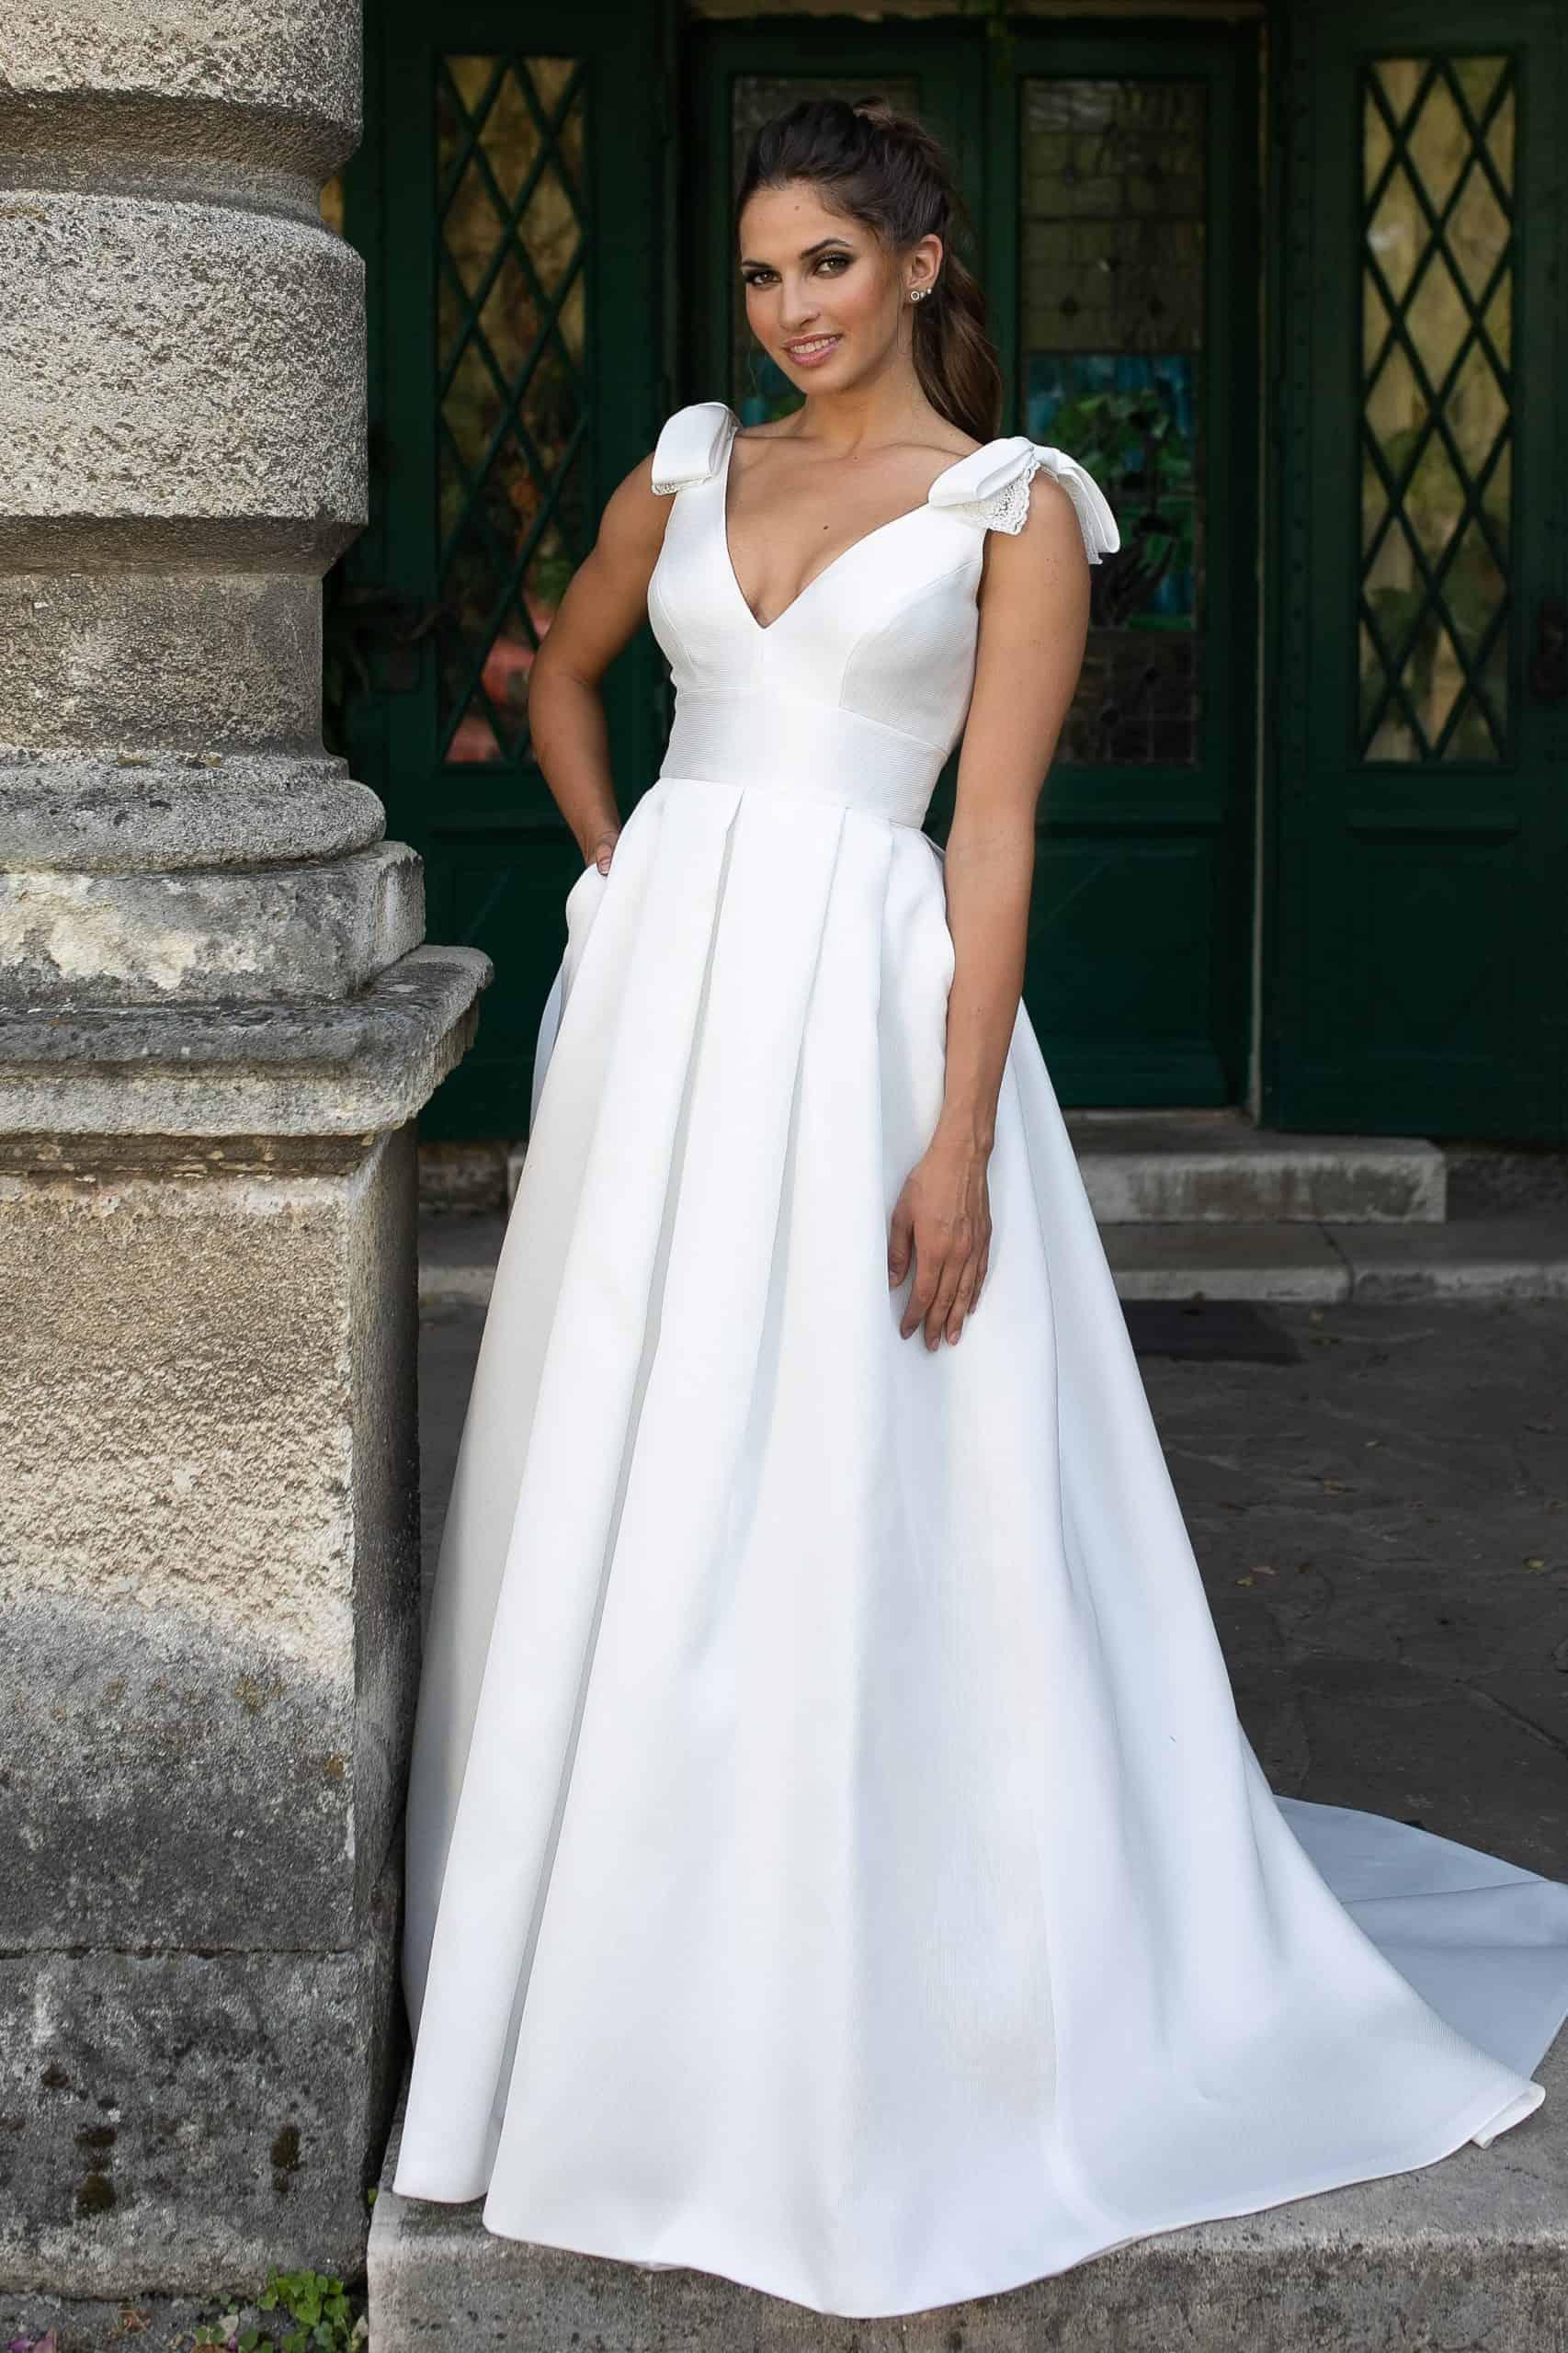 Klasszikus vonalú, hercegnő stílusú szatén menyasszonyi ruha V-nyakkal és mély hátkivágással. Különlegessége a széles szatén öv, bájos masnik a vállon és a szoknya rejtett zsebei. Style: Manu Garcia, Oasis Image fotó